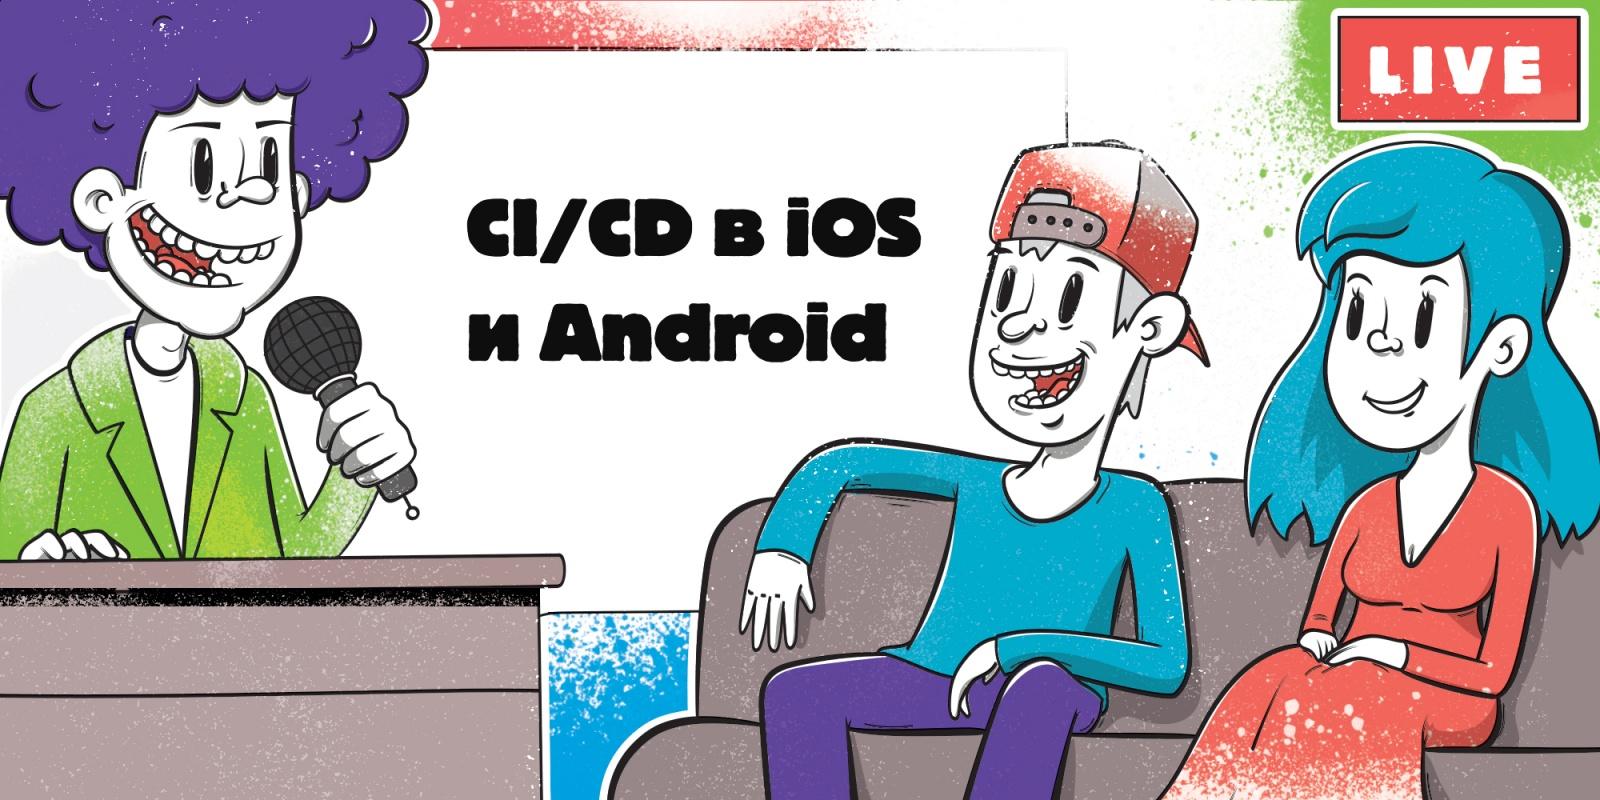 Прямой эфир: СI-CD в iOS и Android - 1